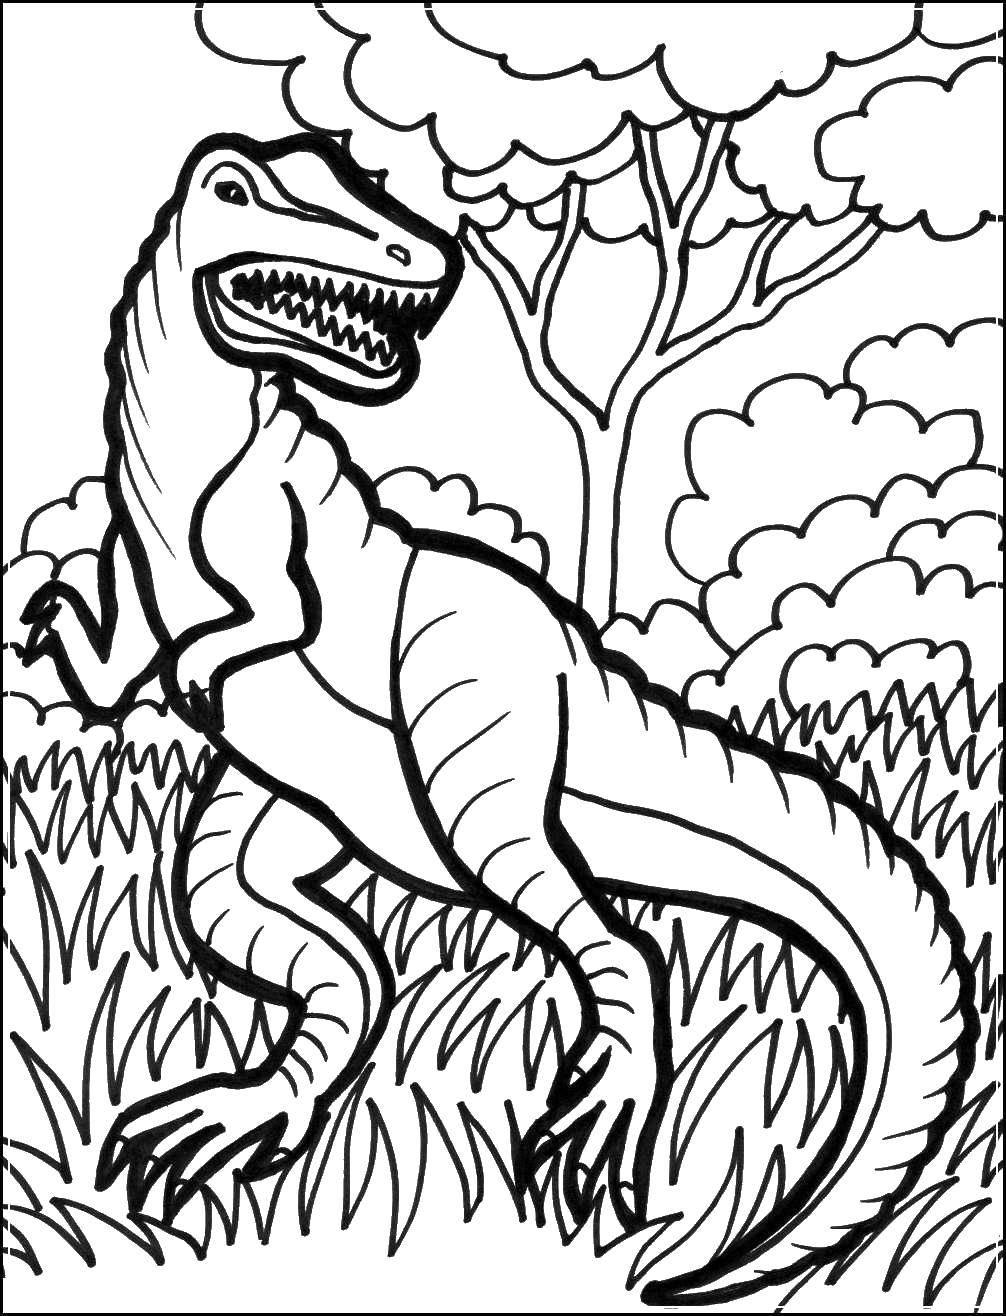 Раскраски рэкс, Раскраска Тираннозавр рэкс динозавр.